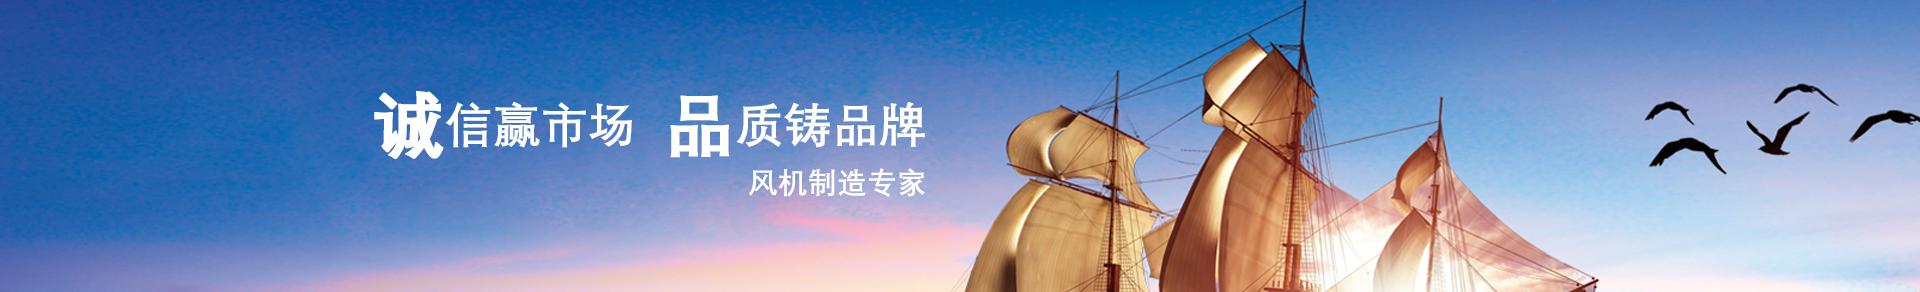 http://www.shangguturbo.com/data/images/slide/20200102155719_717.jpg